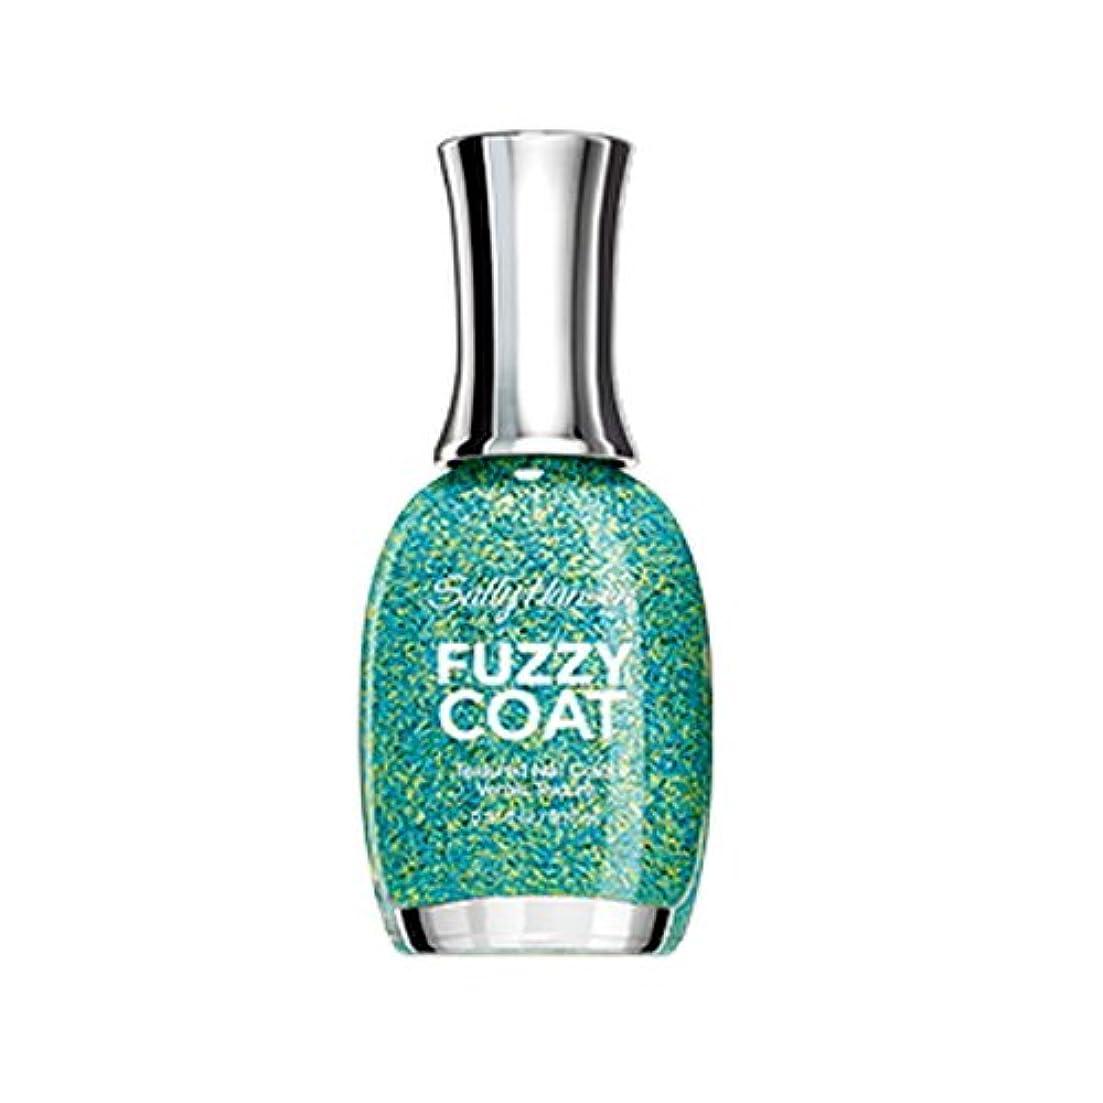 サーキットに行く乳製品言う(3 Pack) SALLY HANSEN Fuzzy Coat Special Effect Textured Nail Color - Fuzz-Sea (並行輸入品)